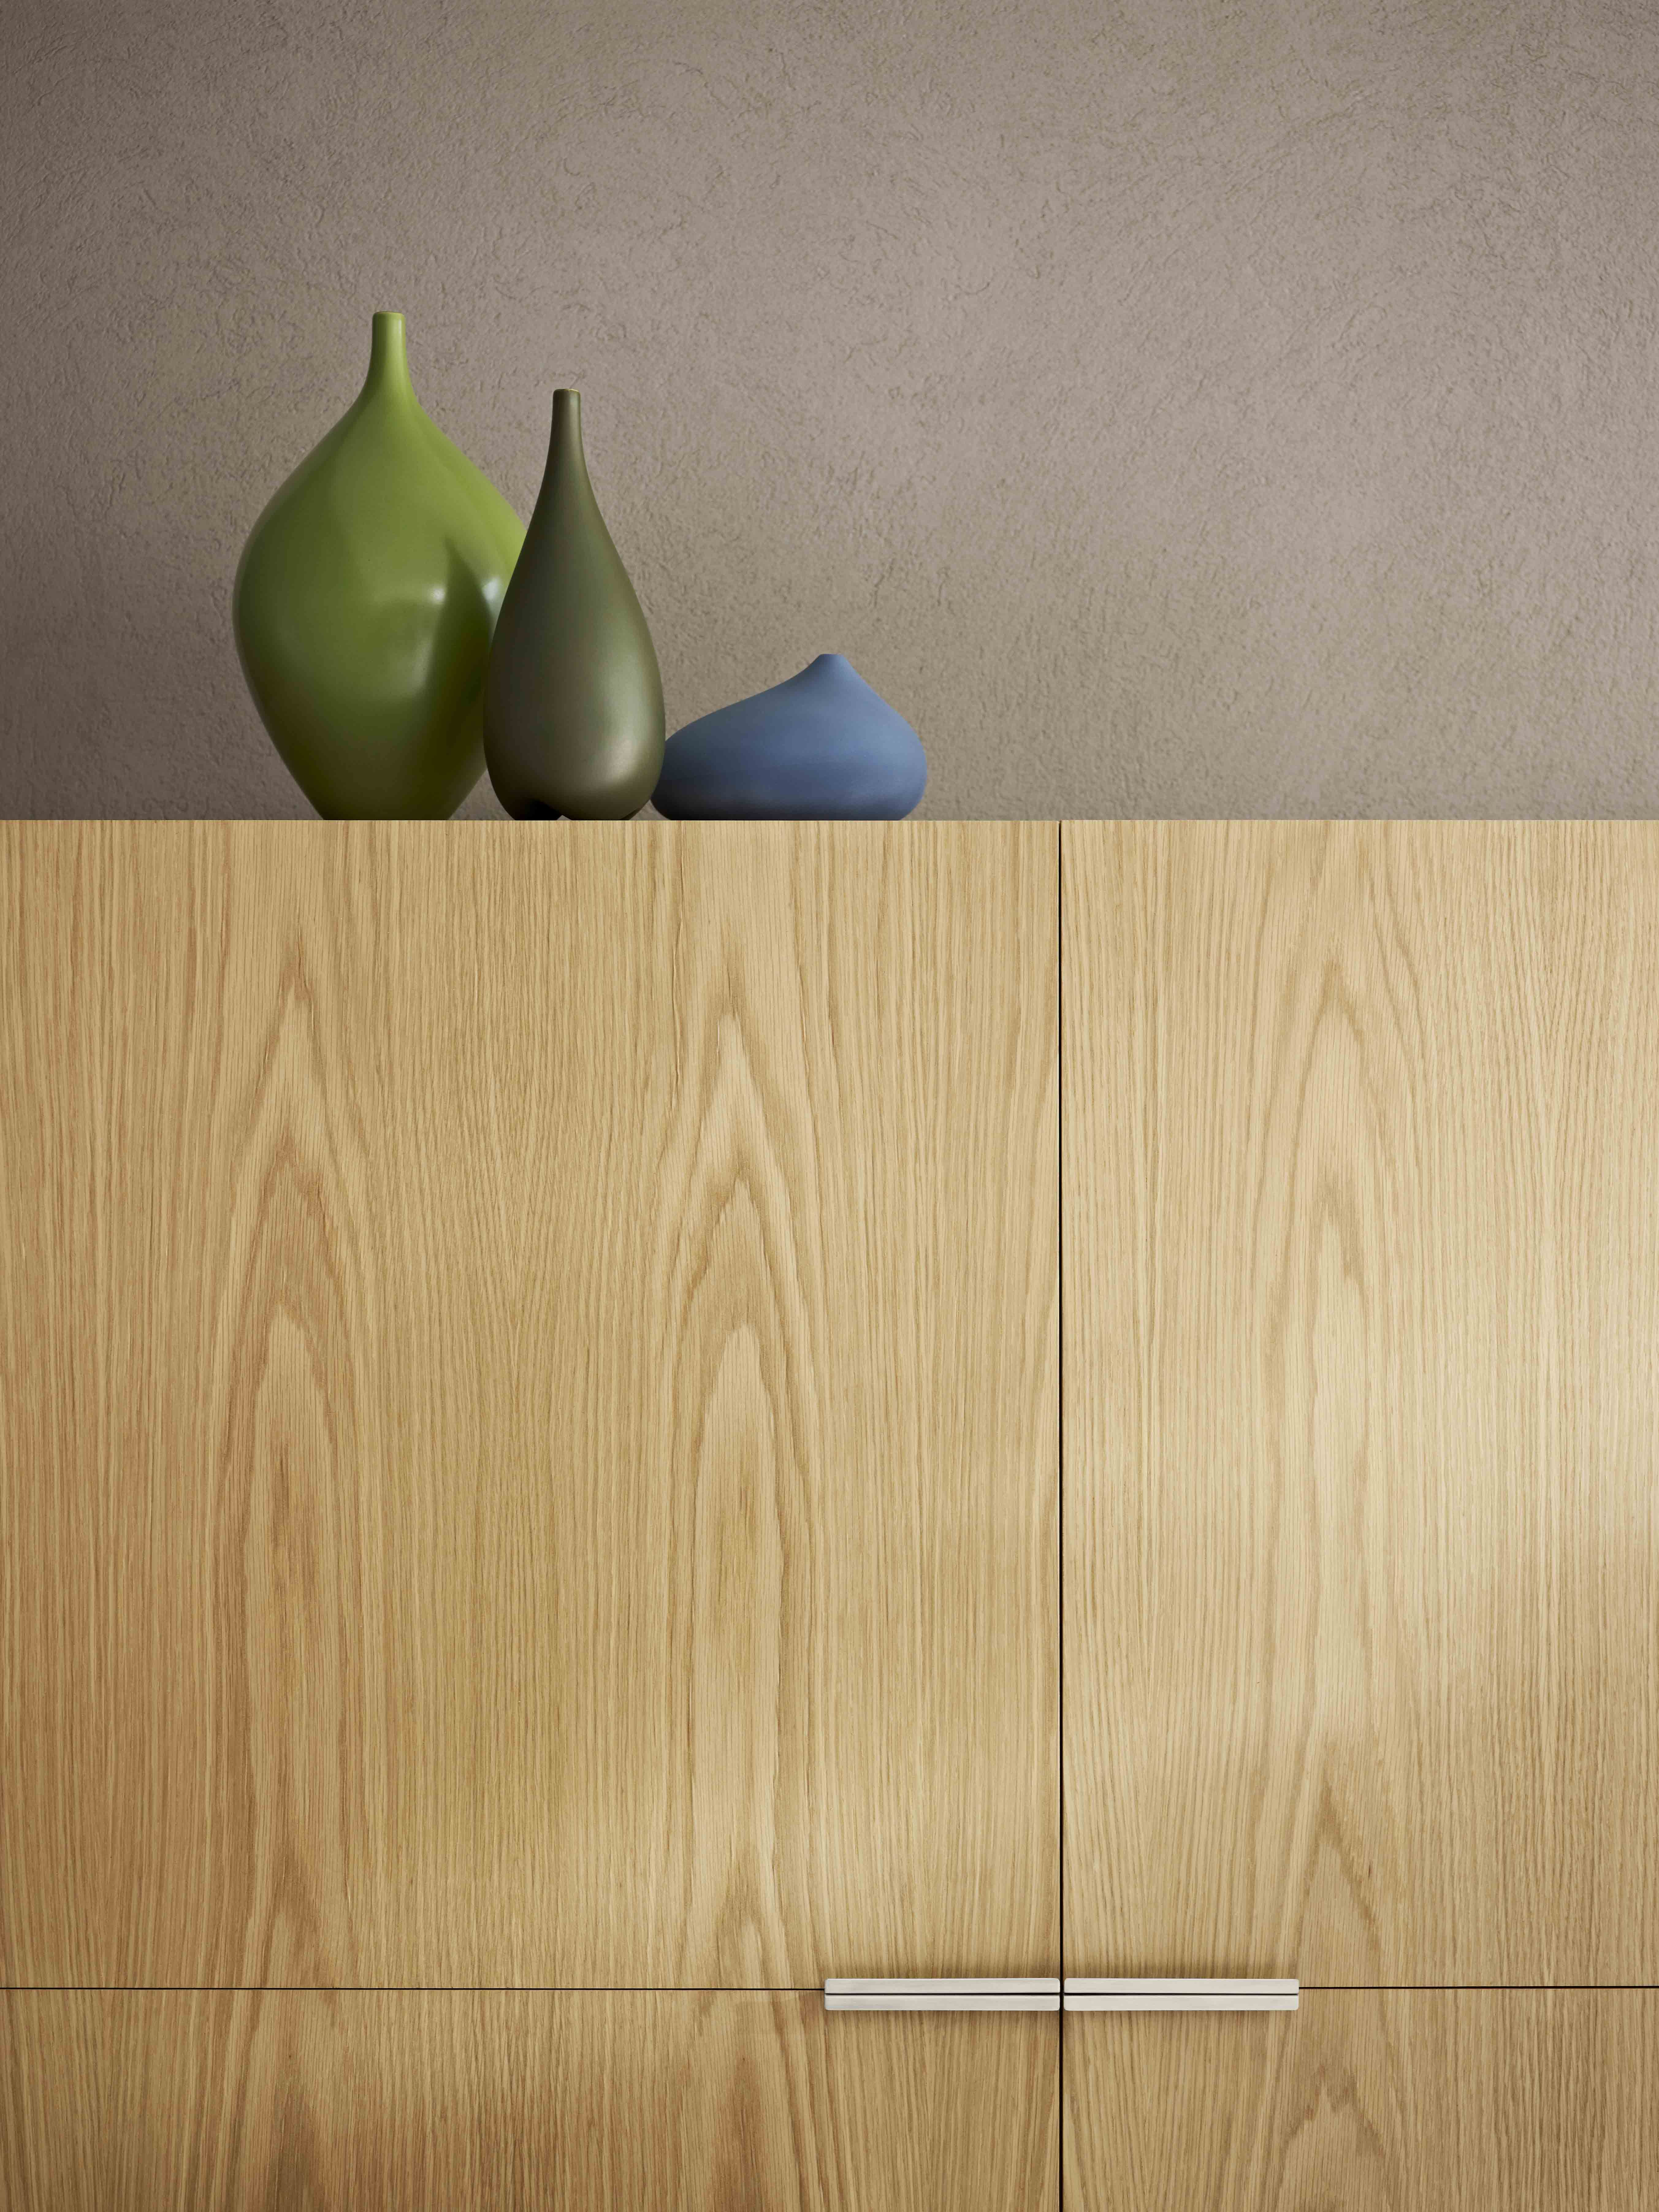 Cabinet Laminex Natural Timber Veneer American White Oak Crown Cut